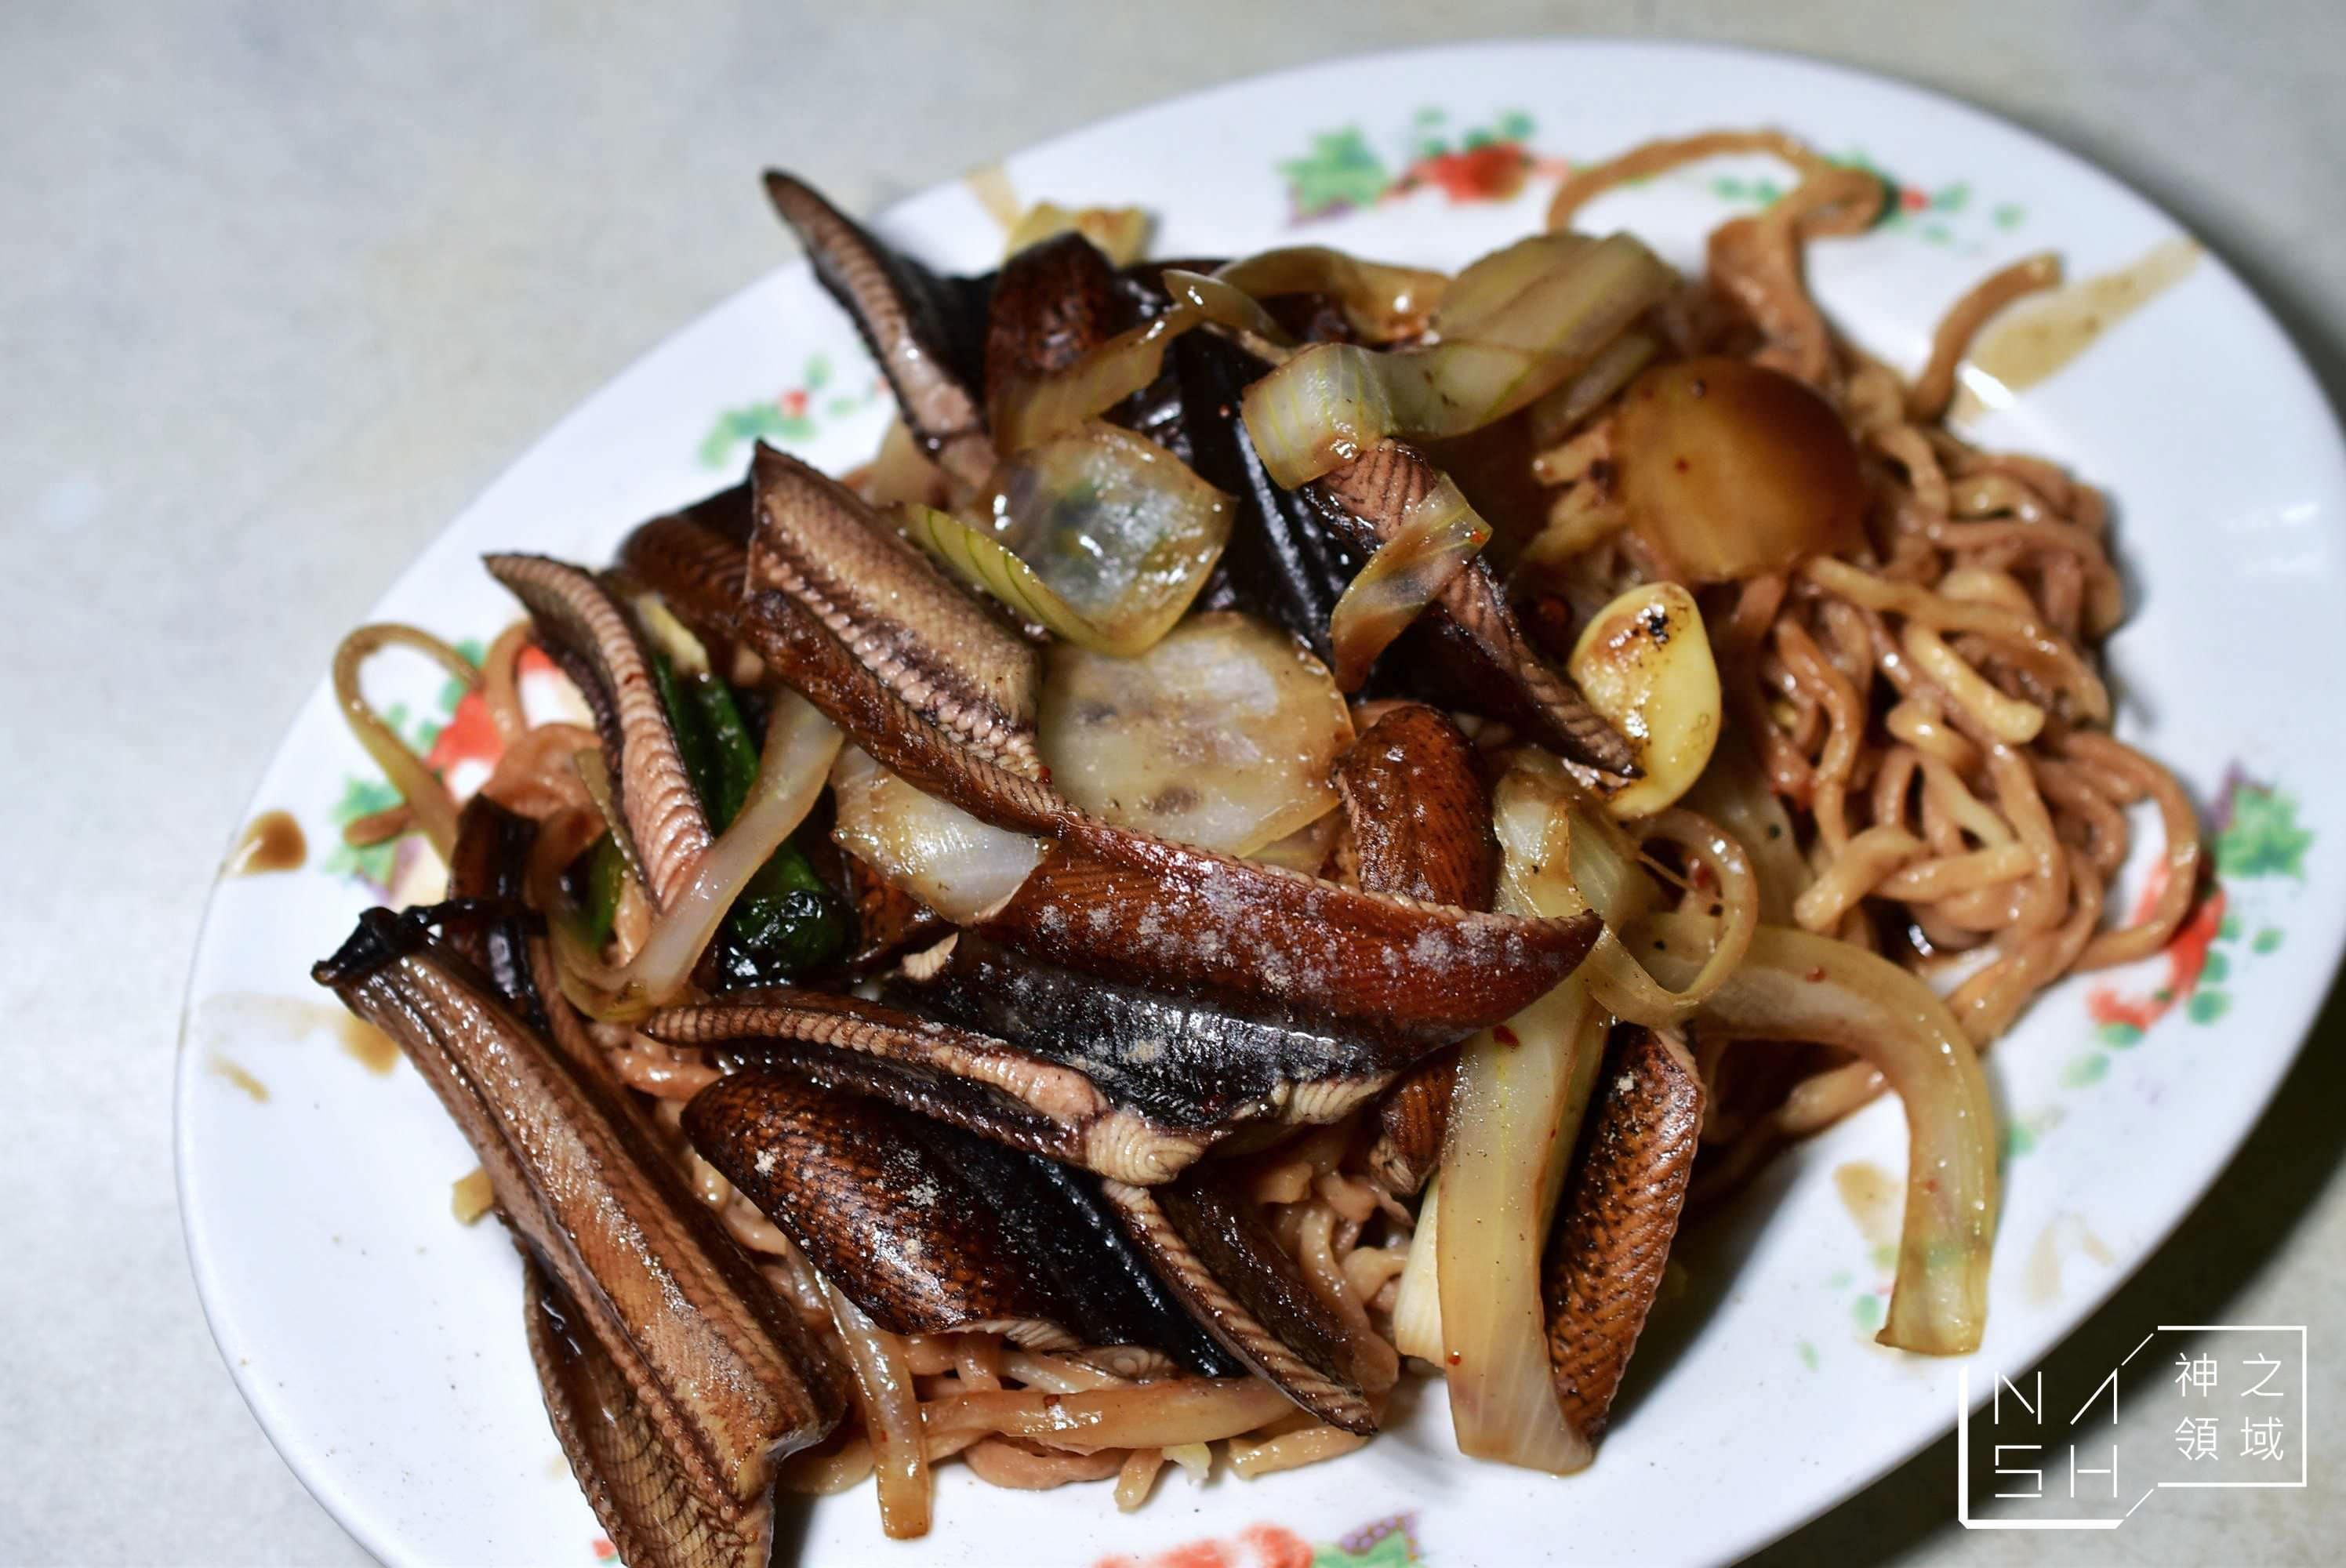 城邊炒鱔魚,台南炒鱔魚推薦,乾炒鱔魚意麵 @Nash,神之領域